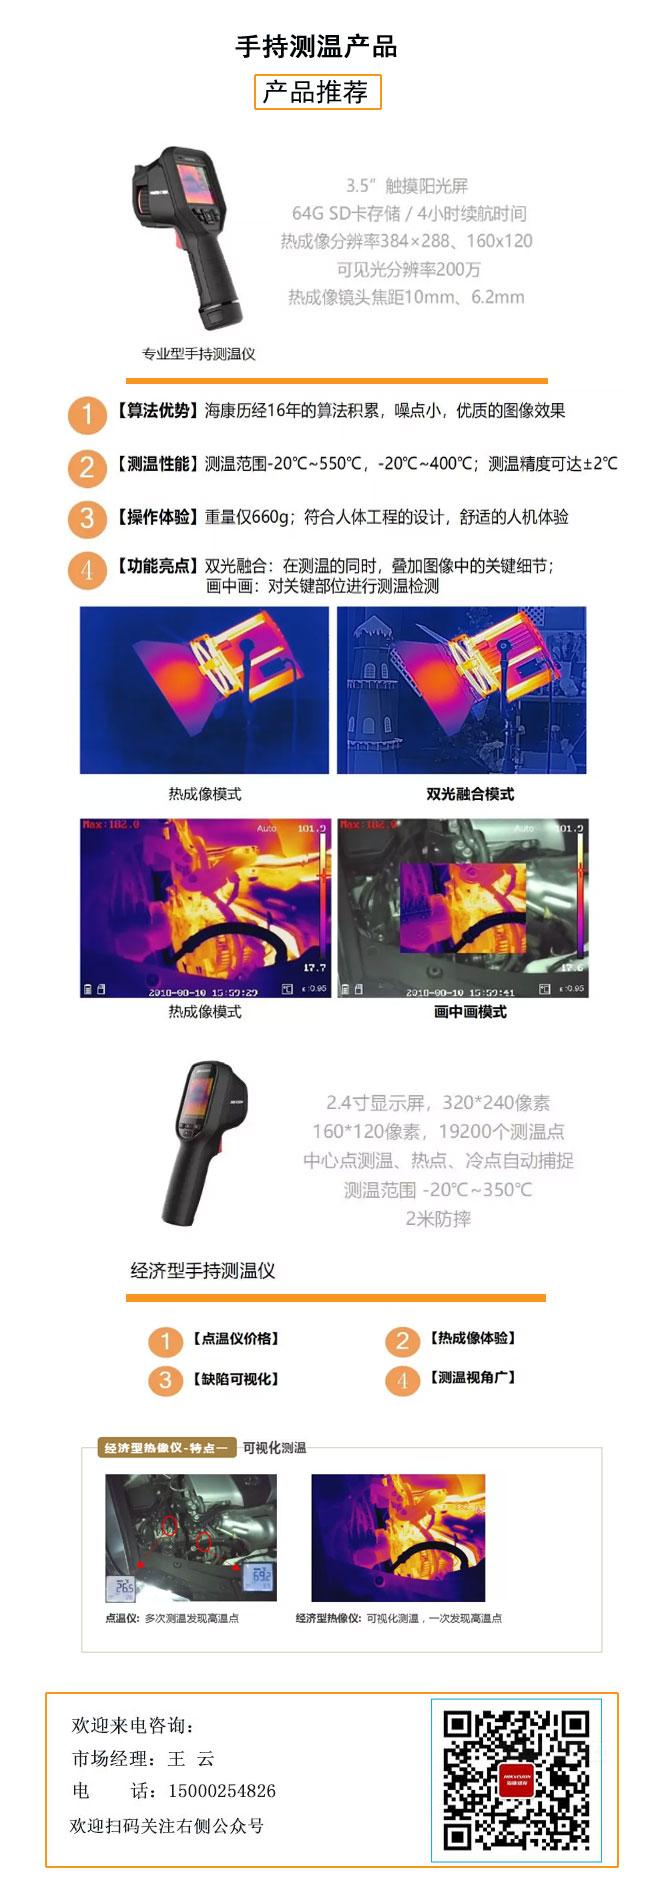 8月微信-6.jpg